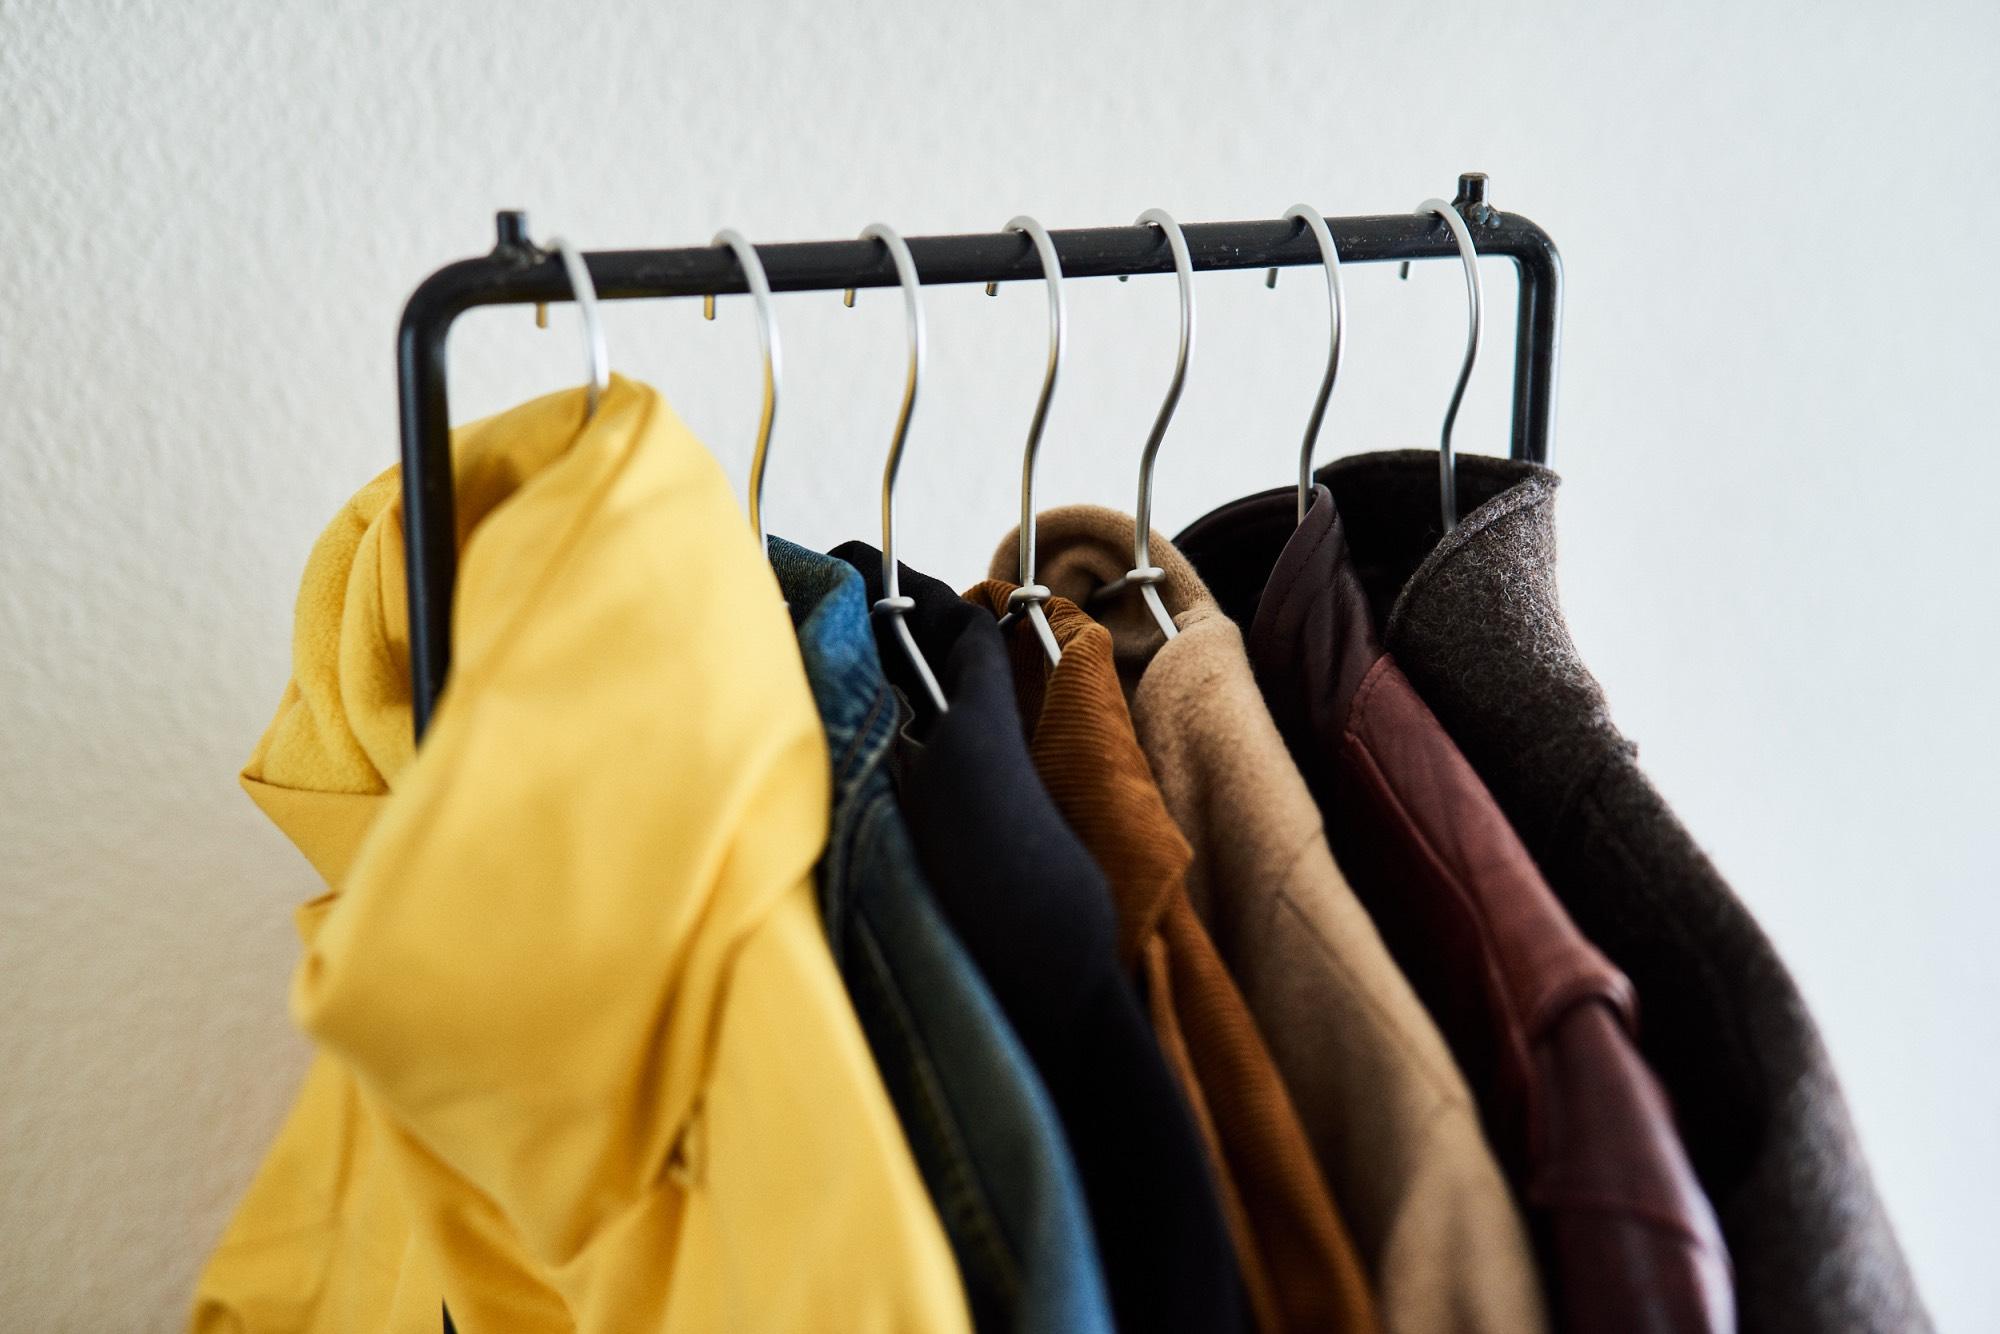 厚手アウターは7〜8着前後。ちなみにVETEMENTS(ヴェトモン)の黄色JKTはアウターの2着分くらいの厚み有り。。